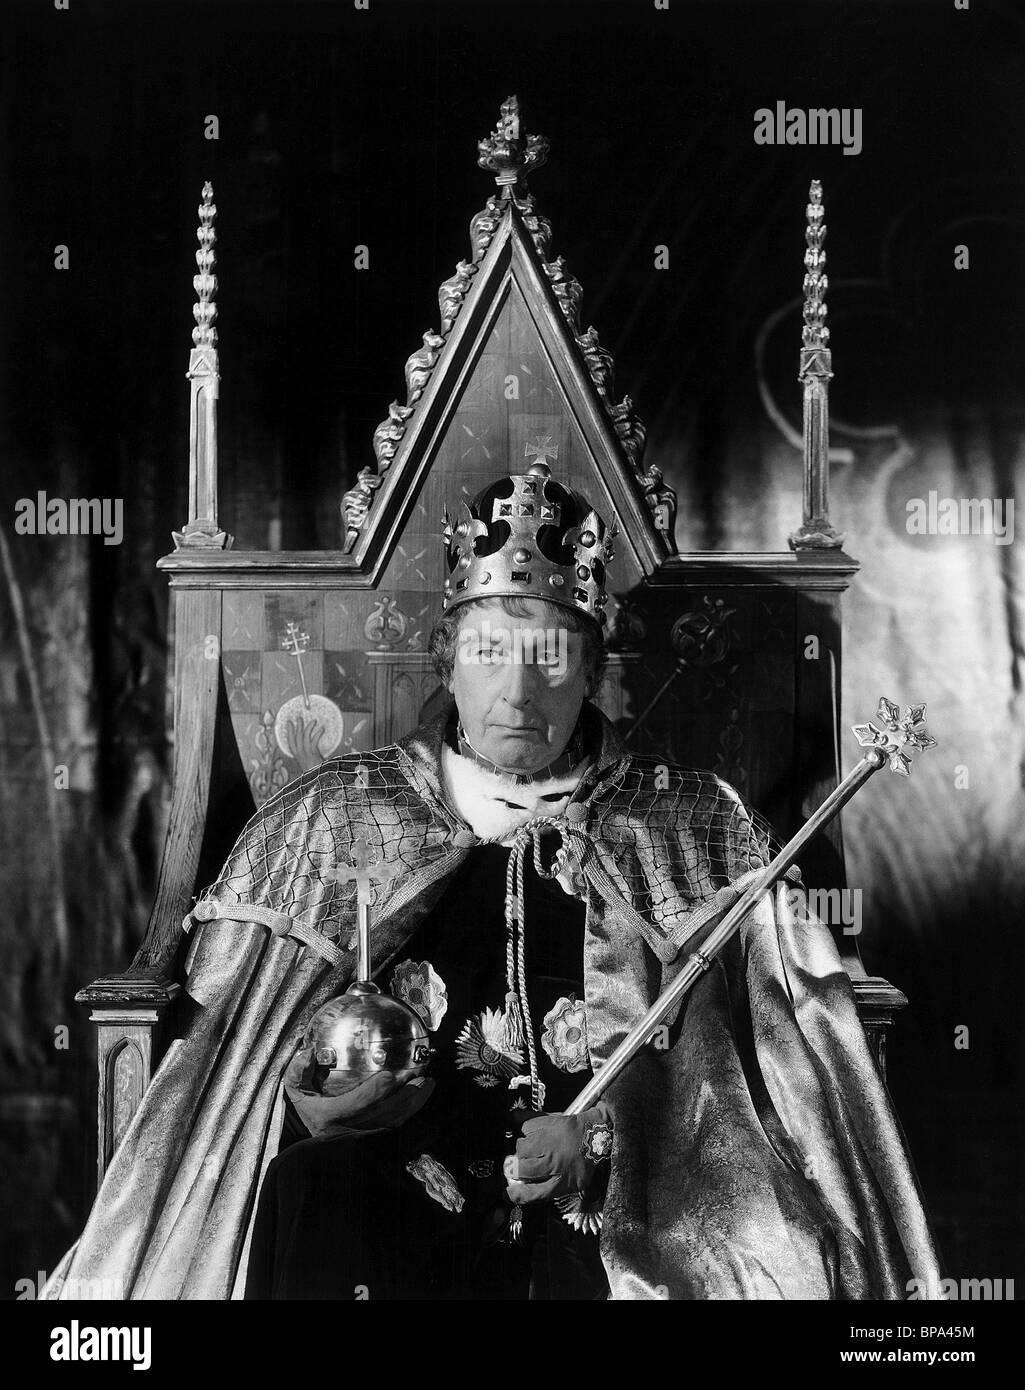 SIR CEDRIC HARDWICKE AS KING EDWARD IV RICHARD III (1955) - Stock Image